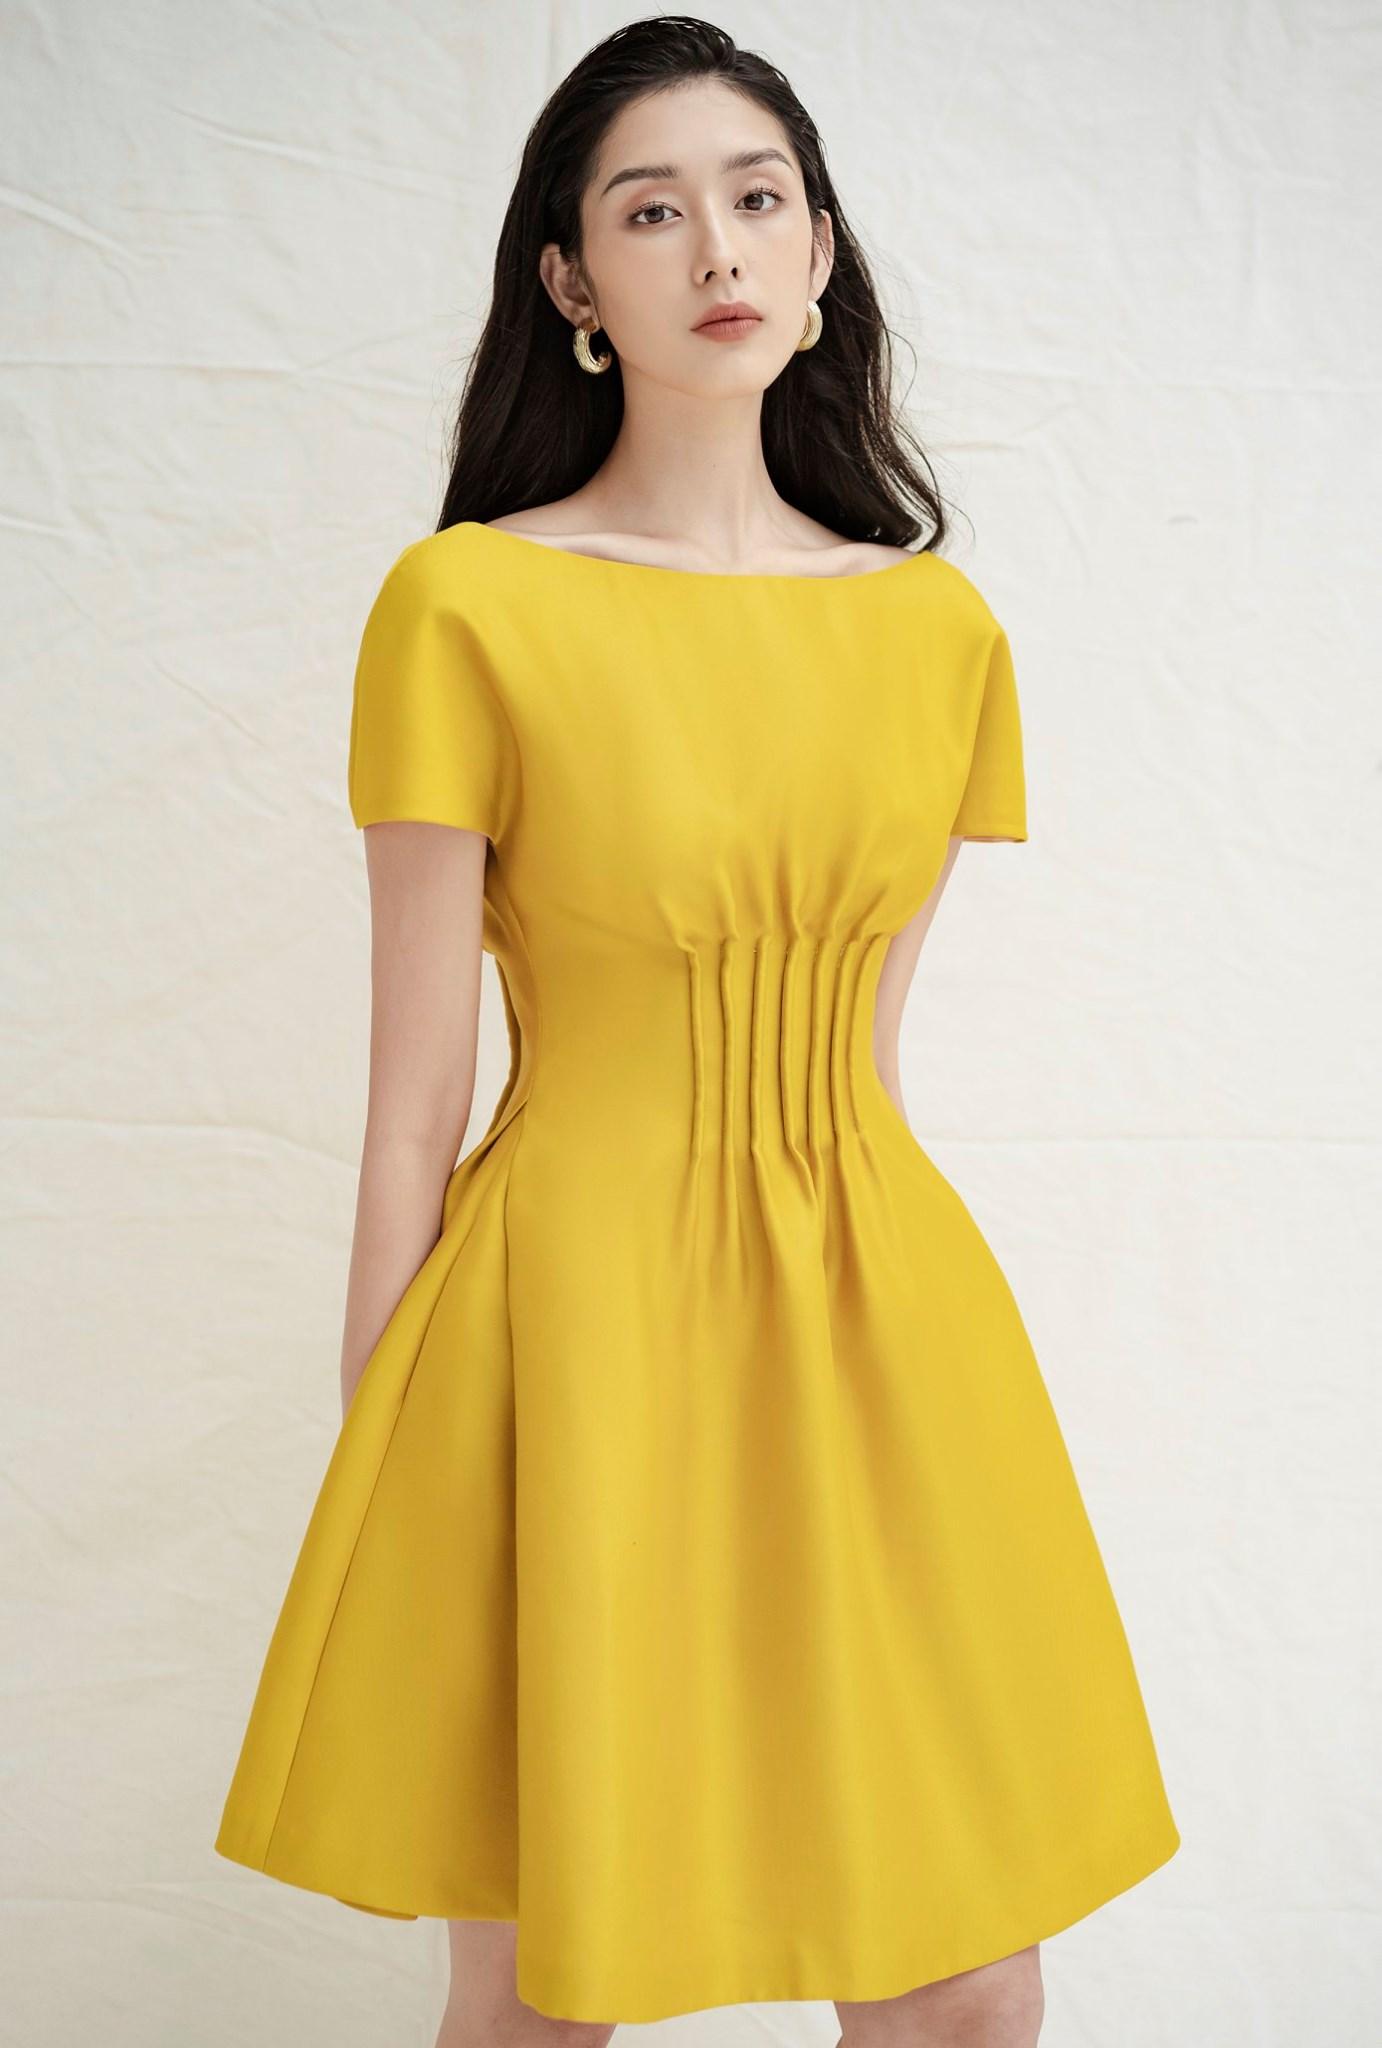 Đầm xoè tay ngắn xếp ly eo #2779